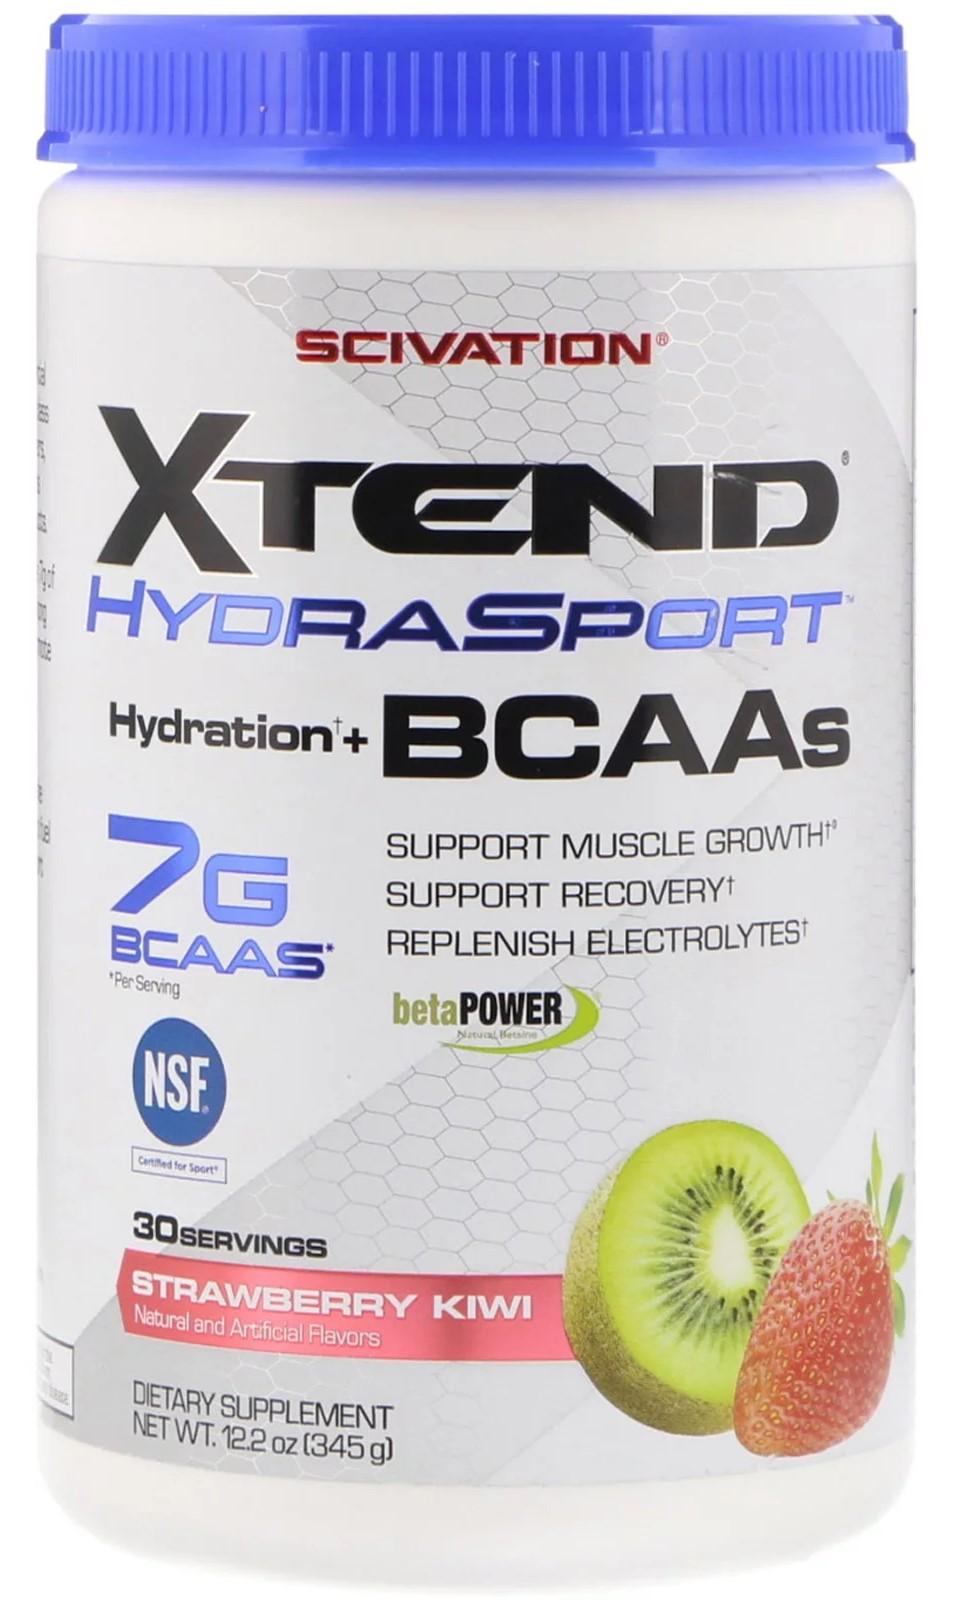 Xtend HydraSport, Strawberry Kiwi - 345g versandkostenfrei/portofrei bestellen/kaufen